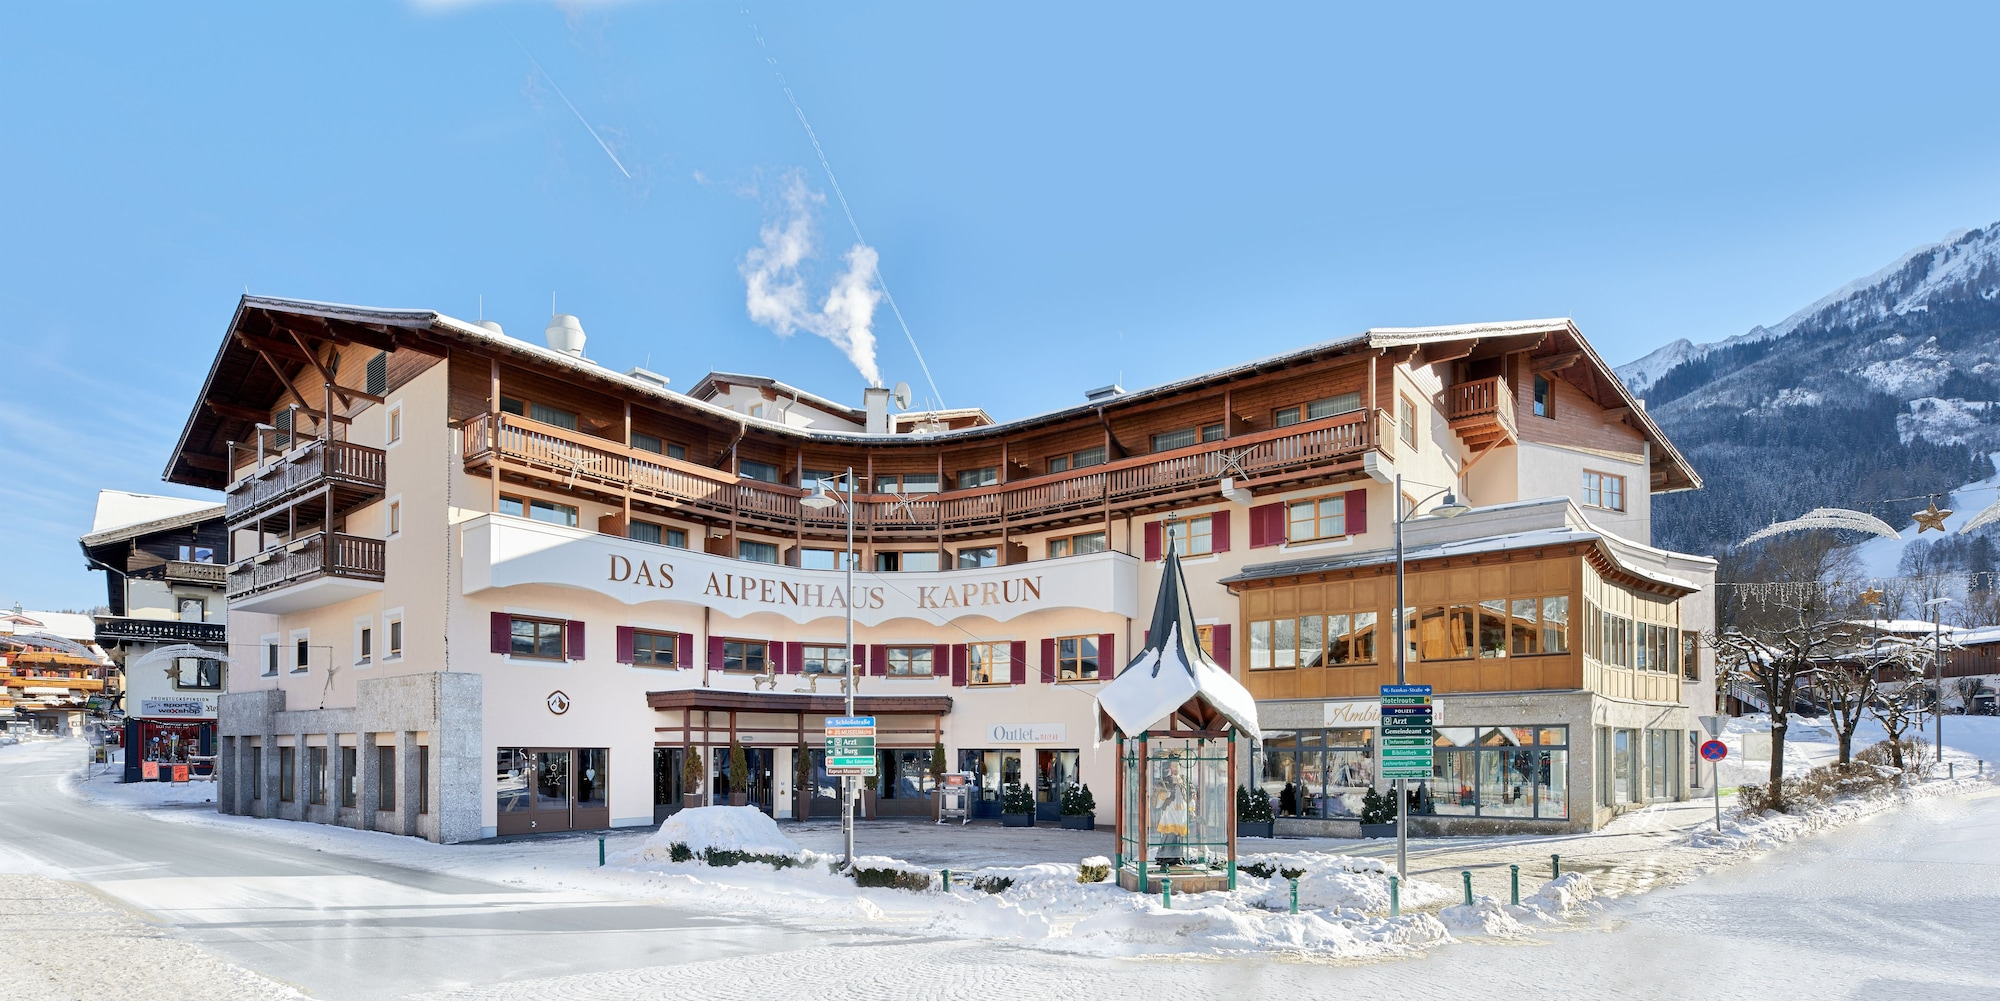 Das Alpenhaus Kaprun, Zell am See